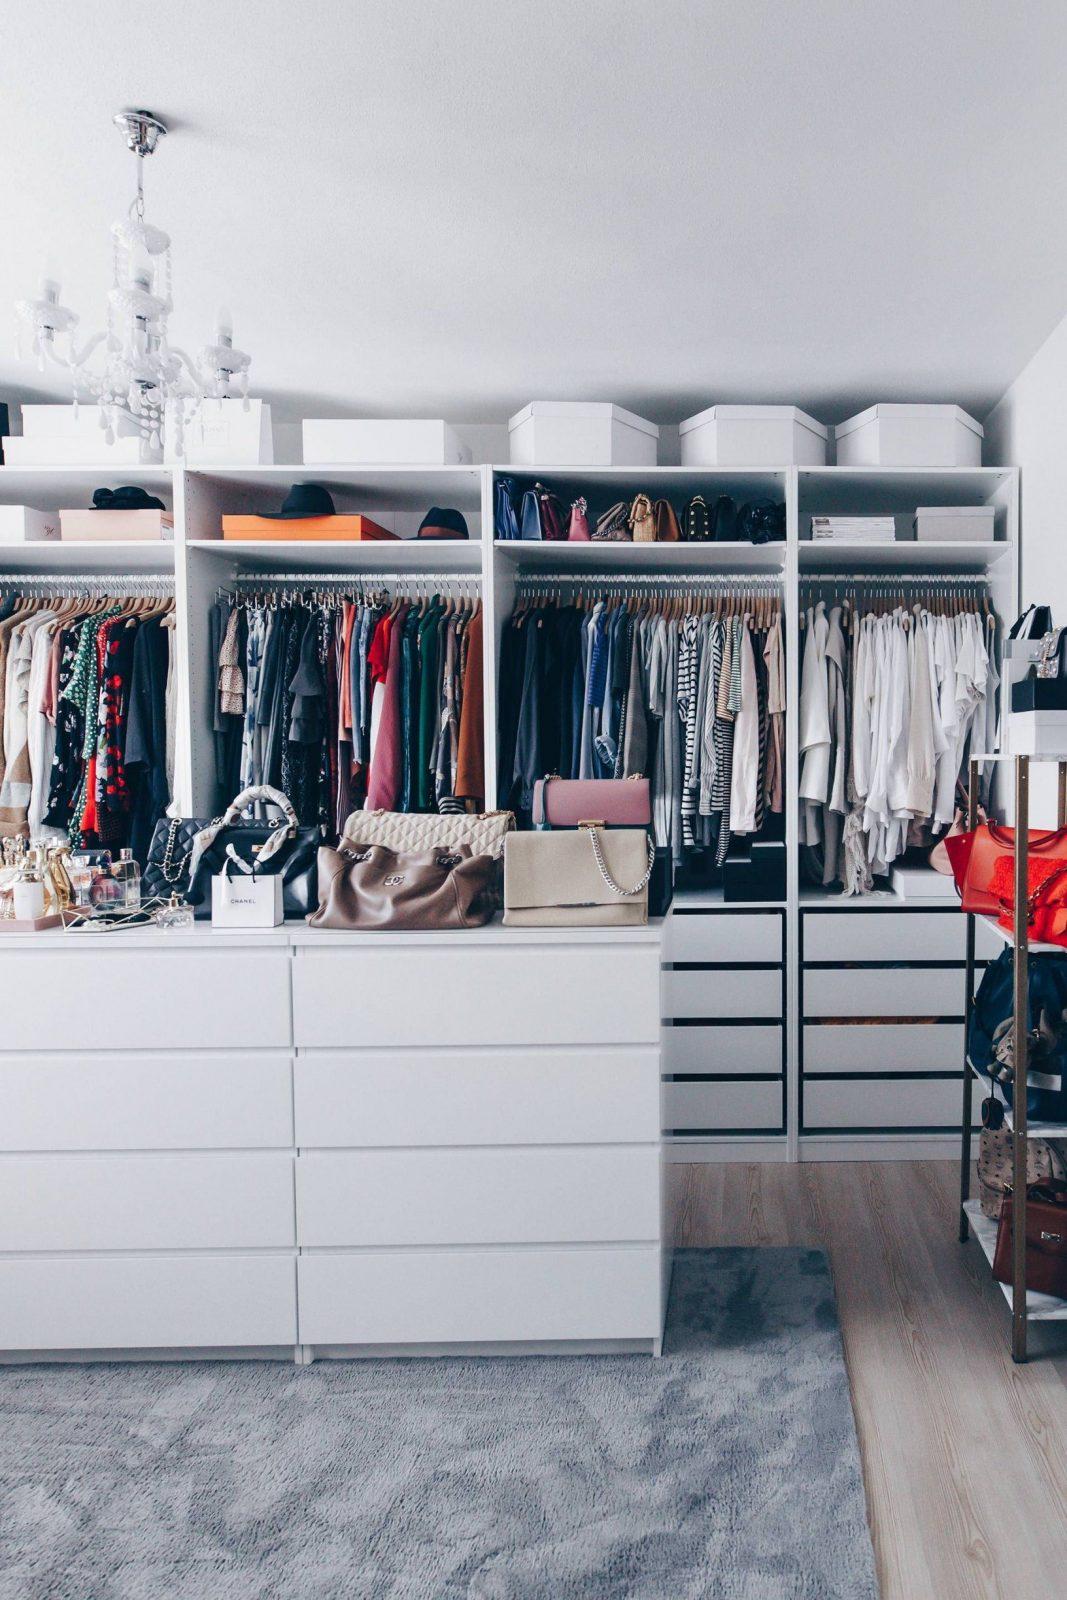 So Habe Ich Mein Ankleidezimmer Eingerichtet Und Gestaltet von Begehbarer Kleiderschrank Ikea Planen Bild